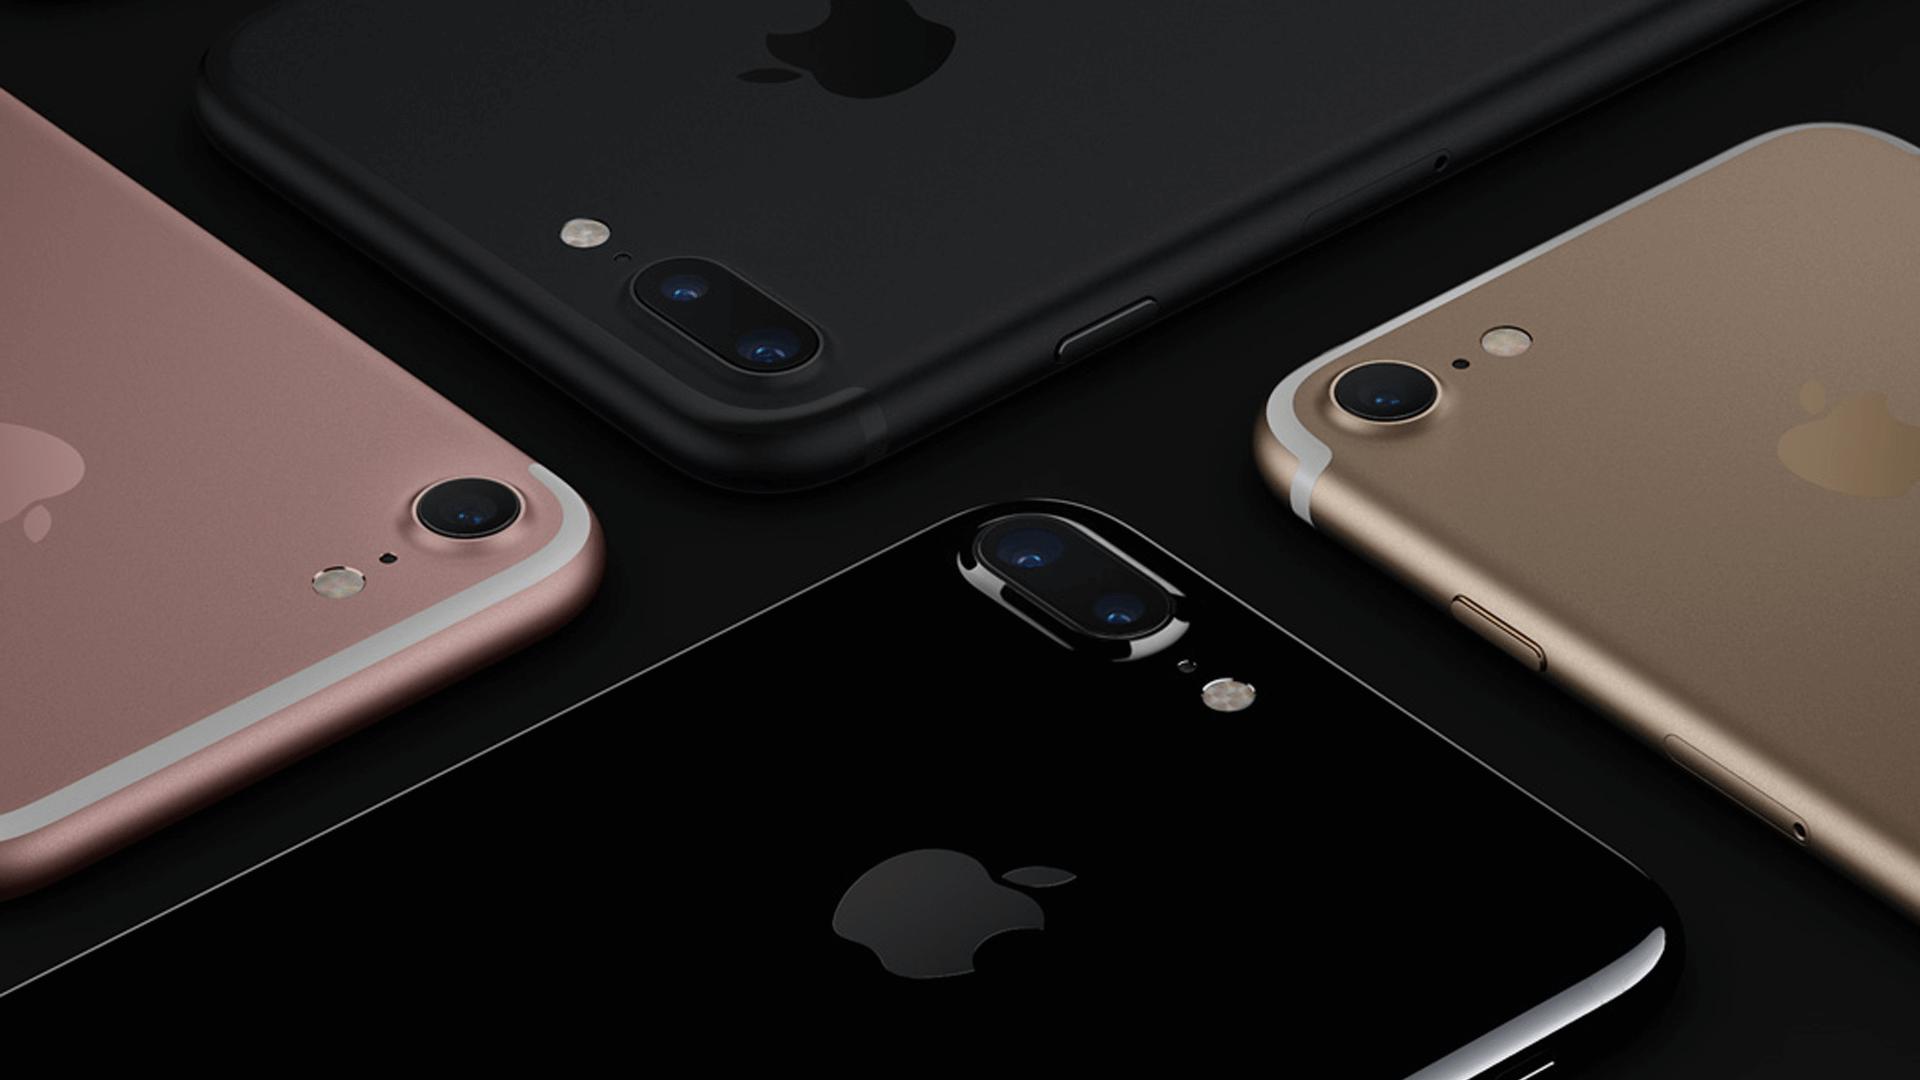 Фатальную уязвимость отыскали вiPhone иiPad